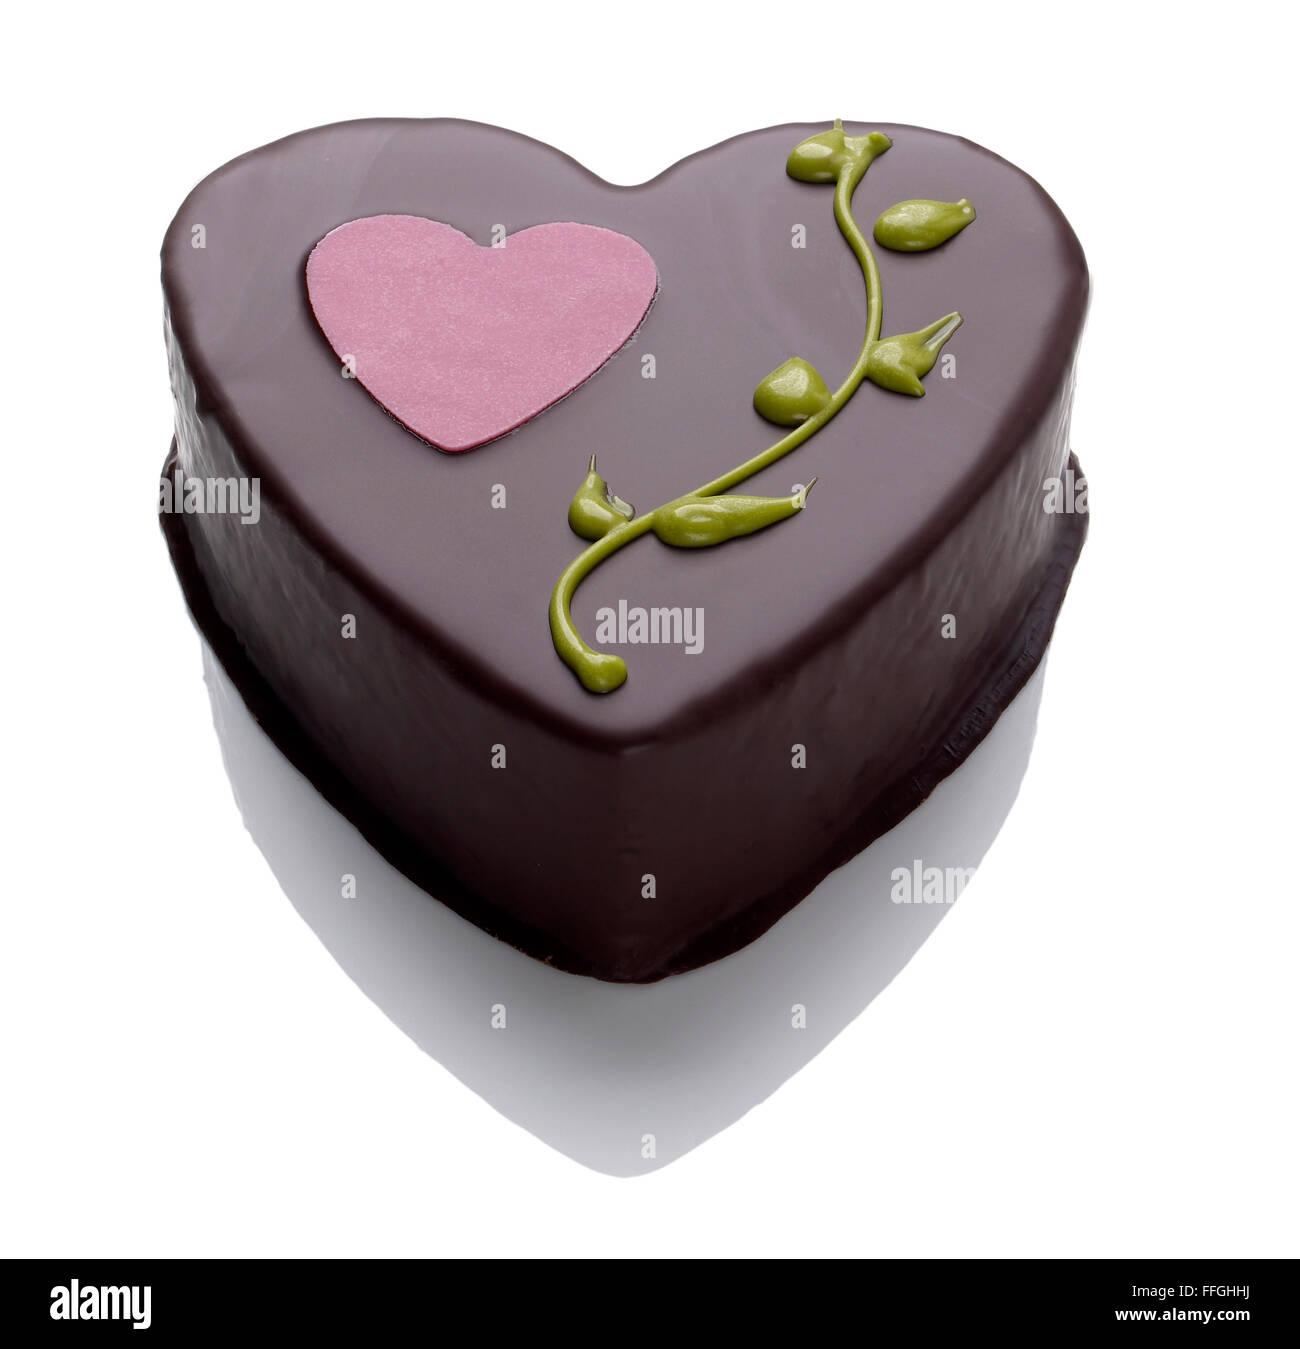 Valentinstag Schokolade Kuchen Stockfoto Bild 95636734 Alamy